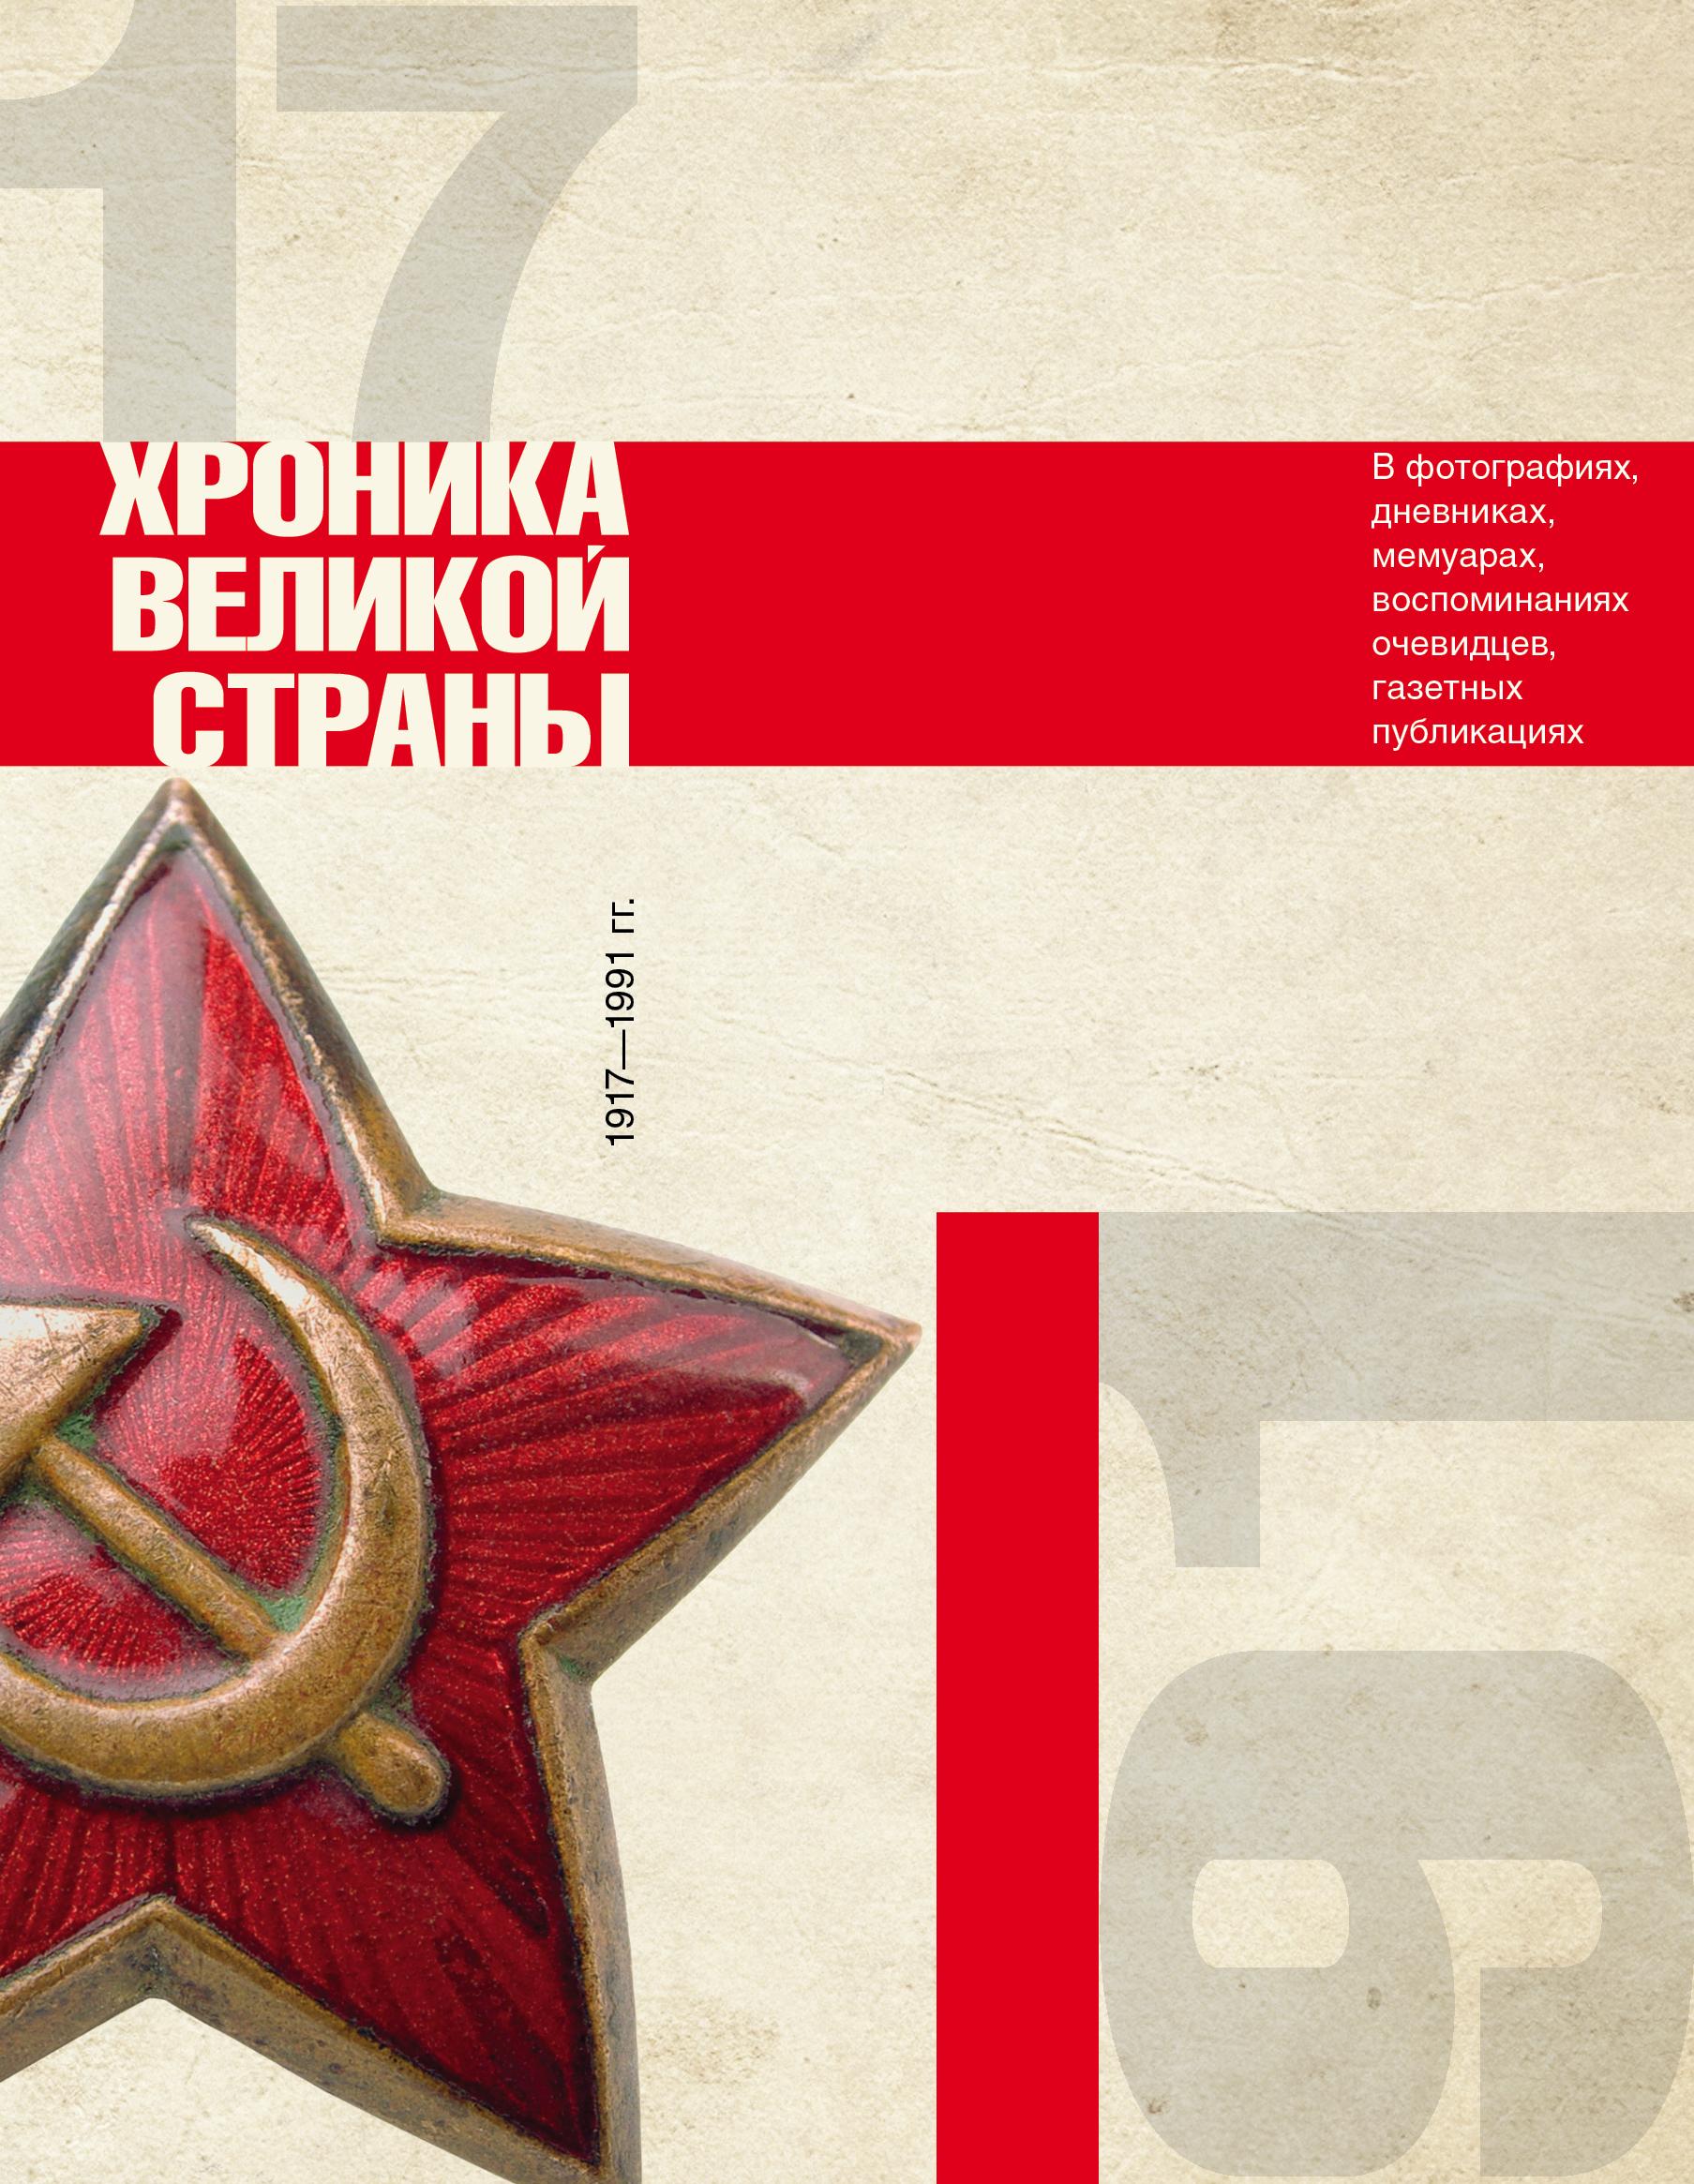 История СССР. Хроника великой страны